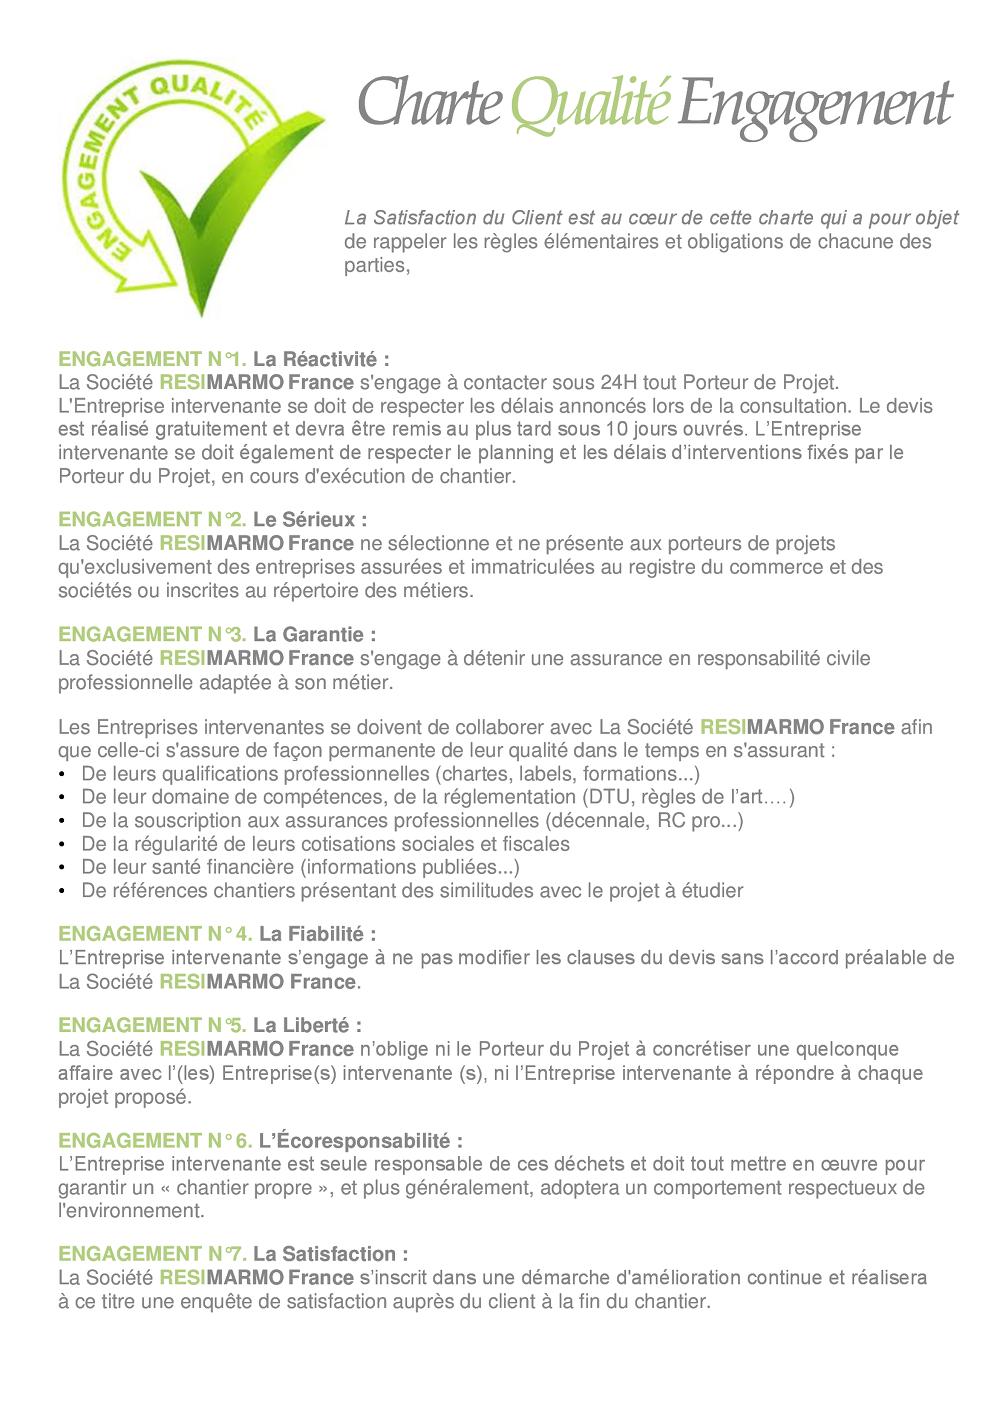 Le projet - Charte qualité - Engagement RESIMARMO